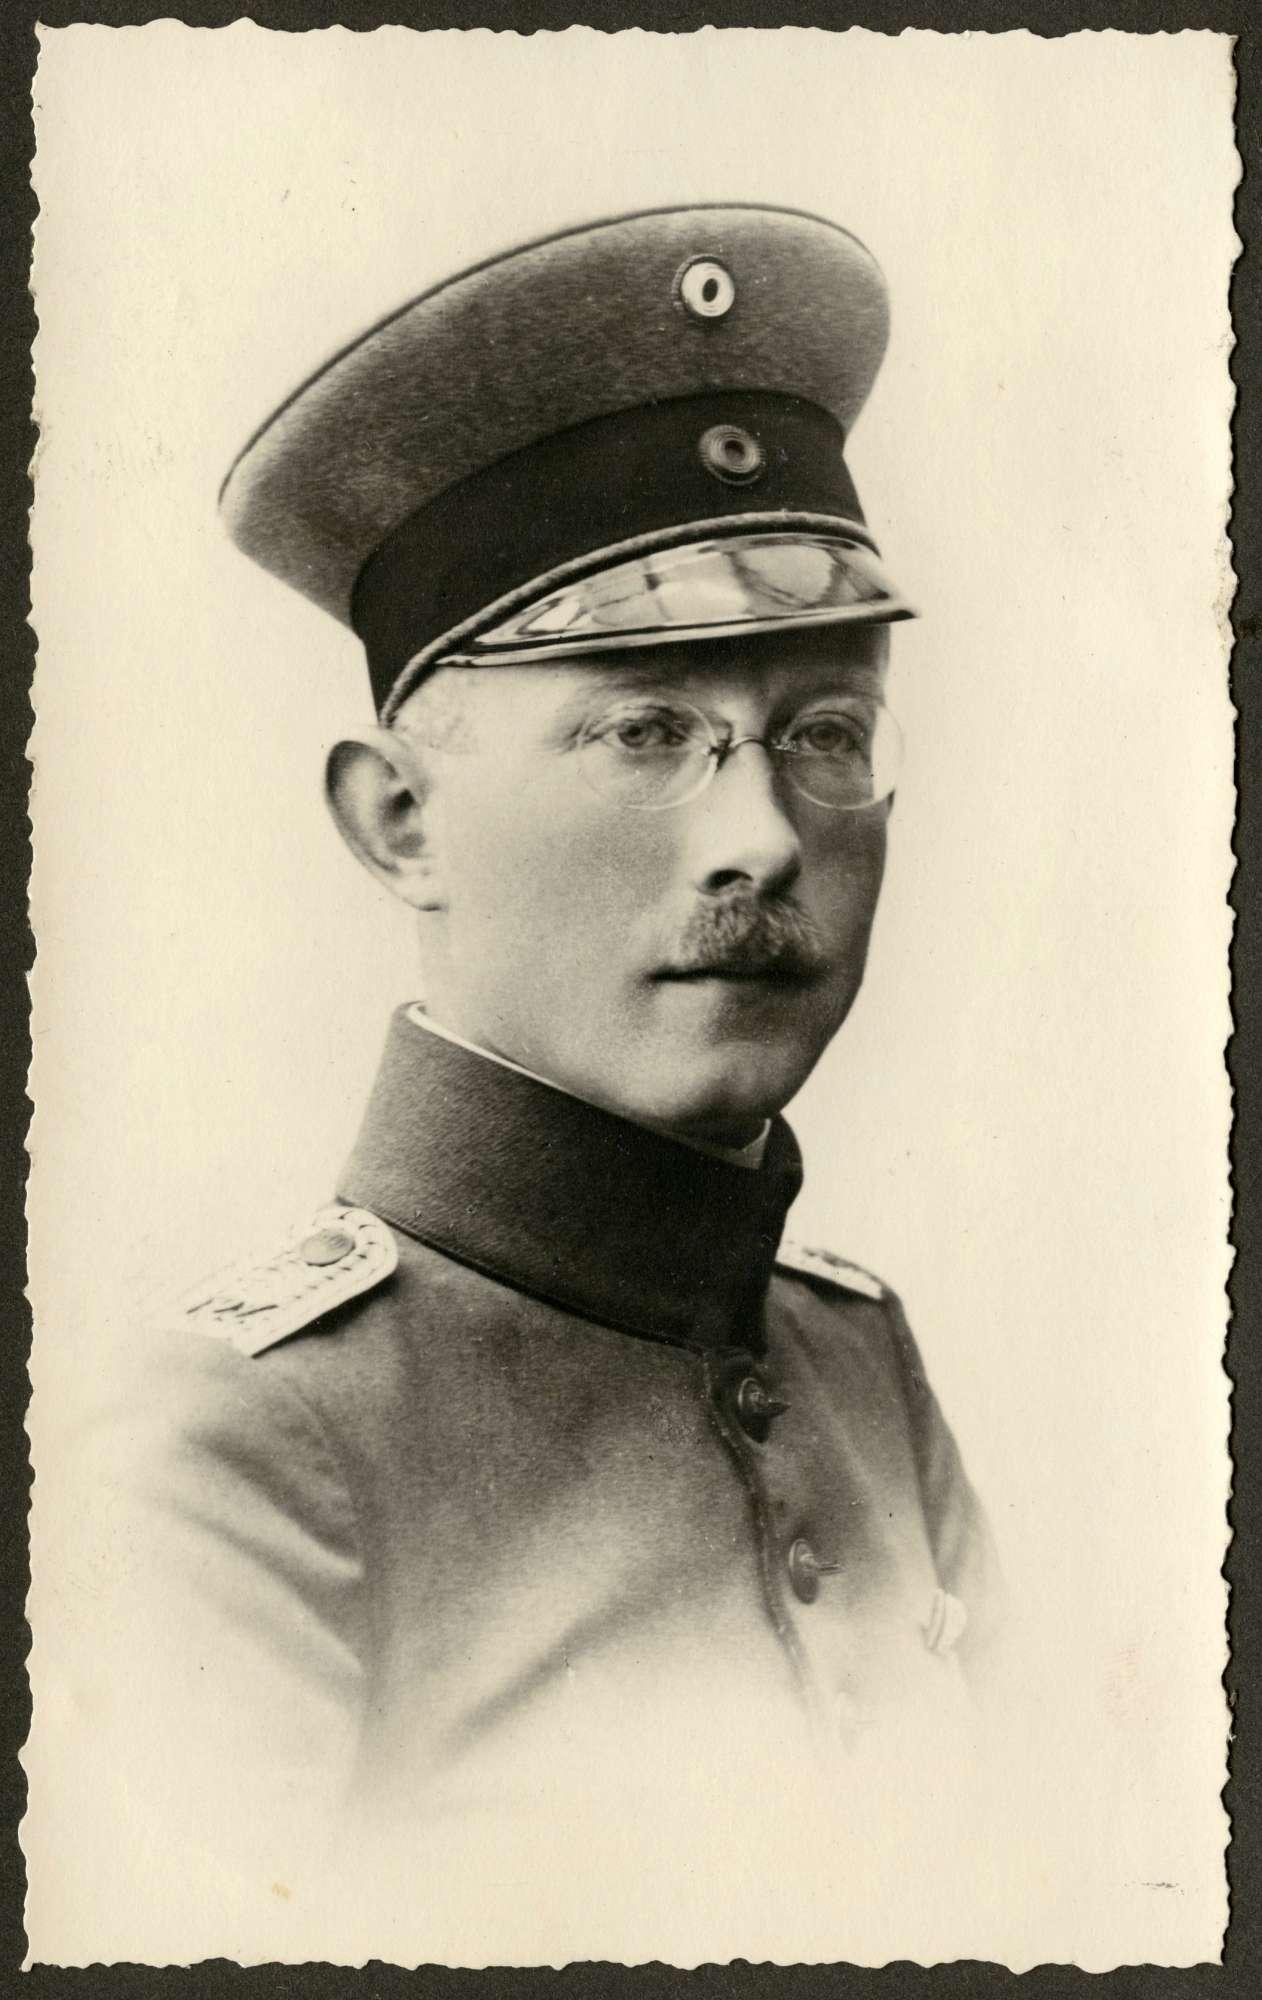 Rümelin, Ernst, Bild 1